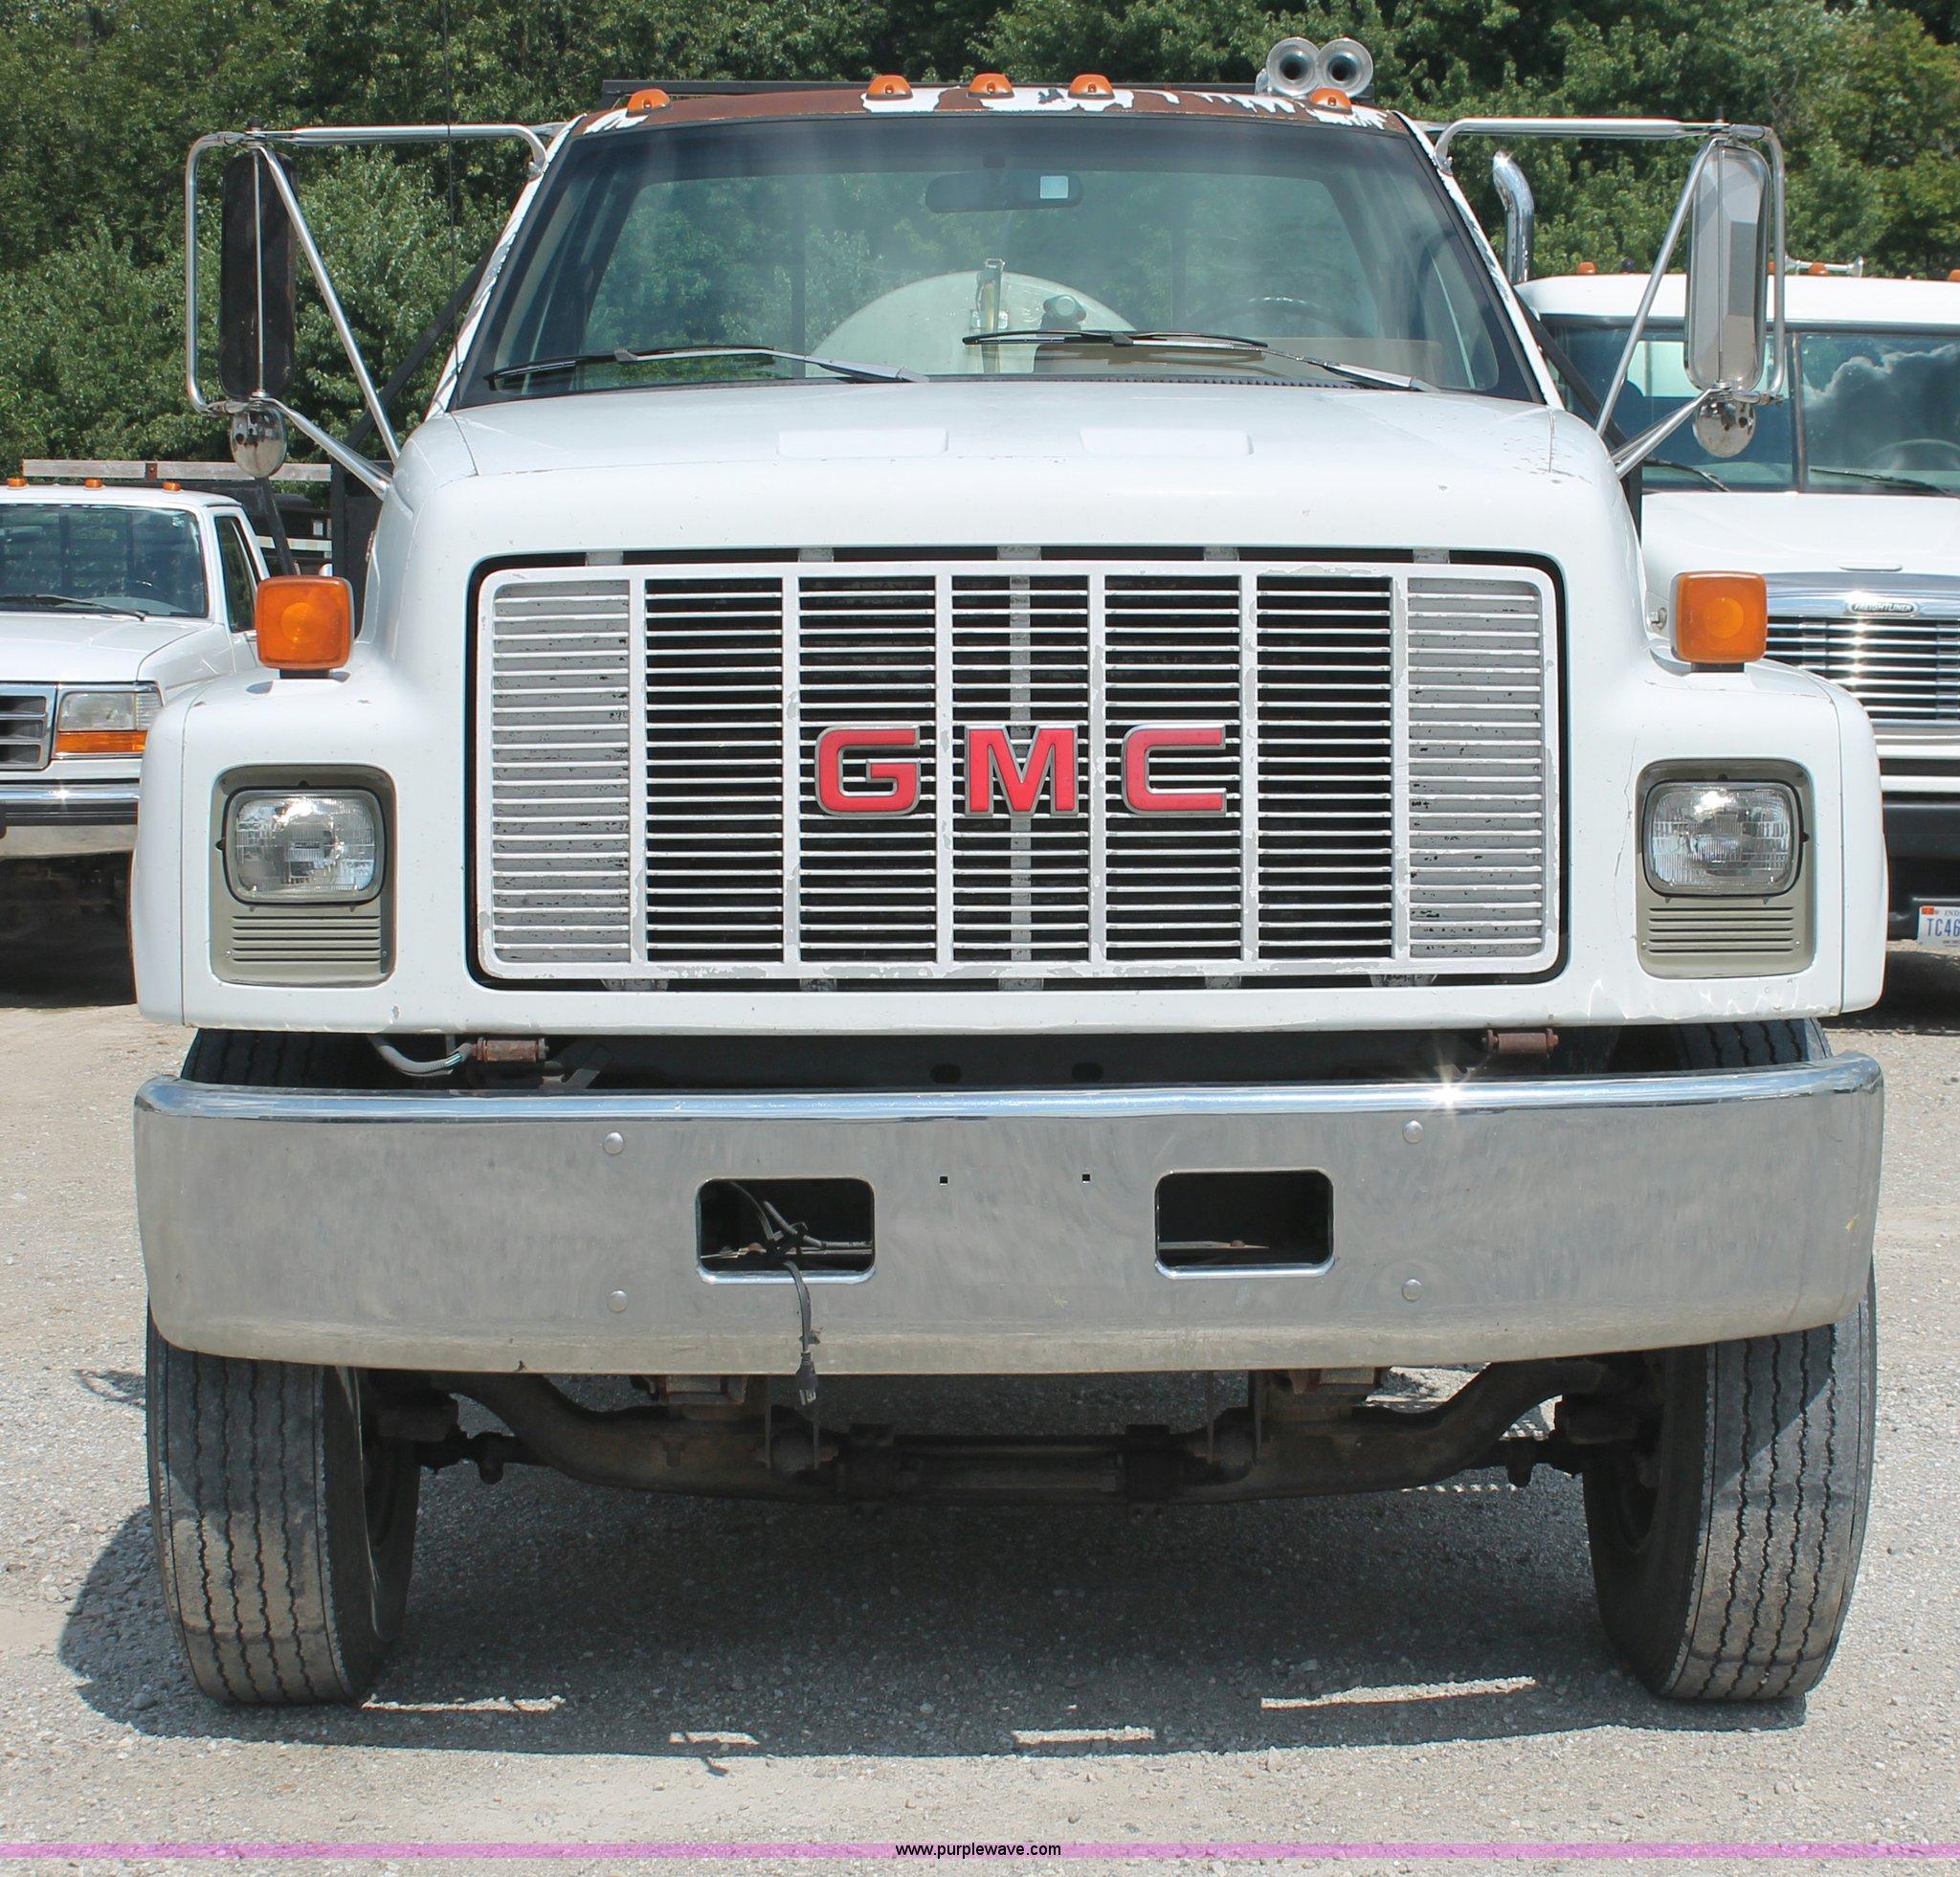 Gmc Topkick For Sale 4x4: 1992 GMC TopKick C7H042 Flatbed Truck